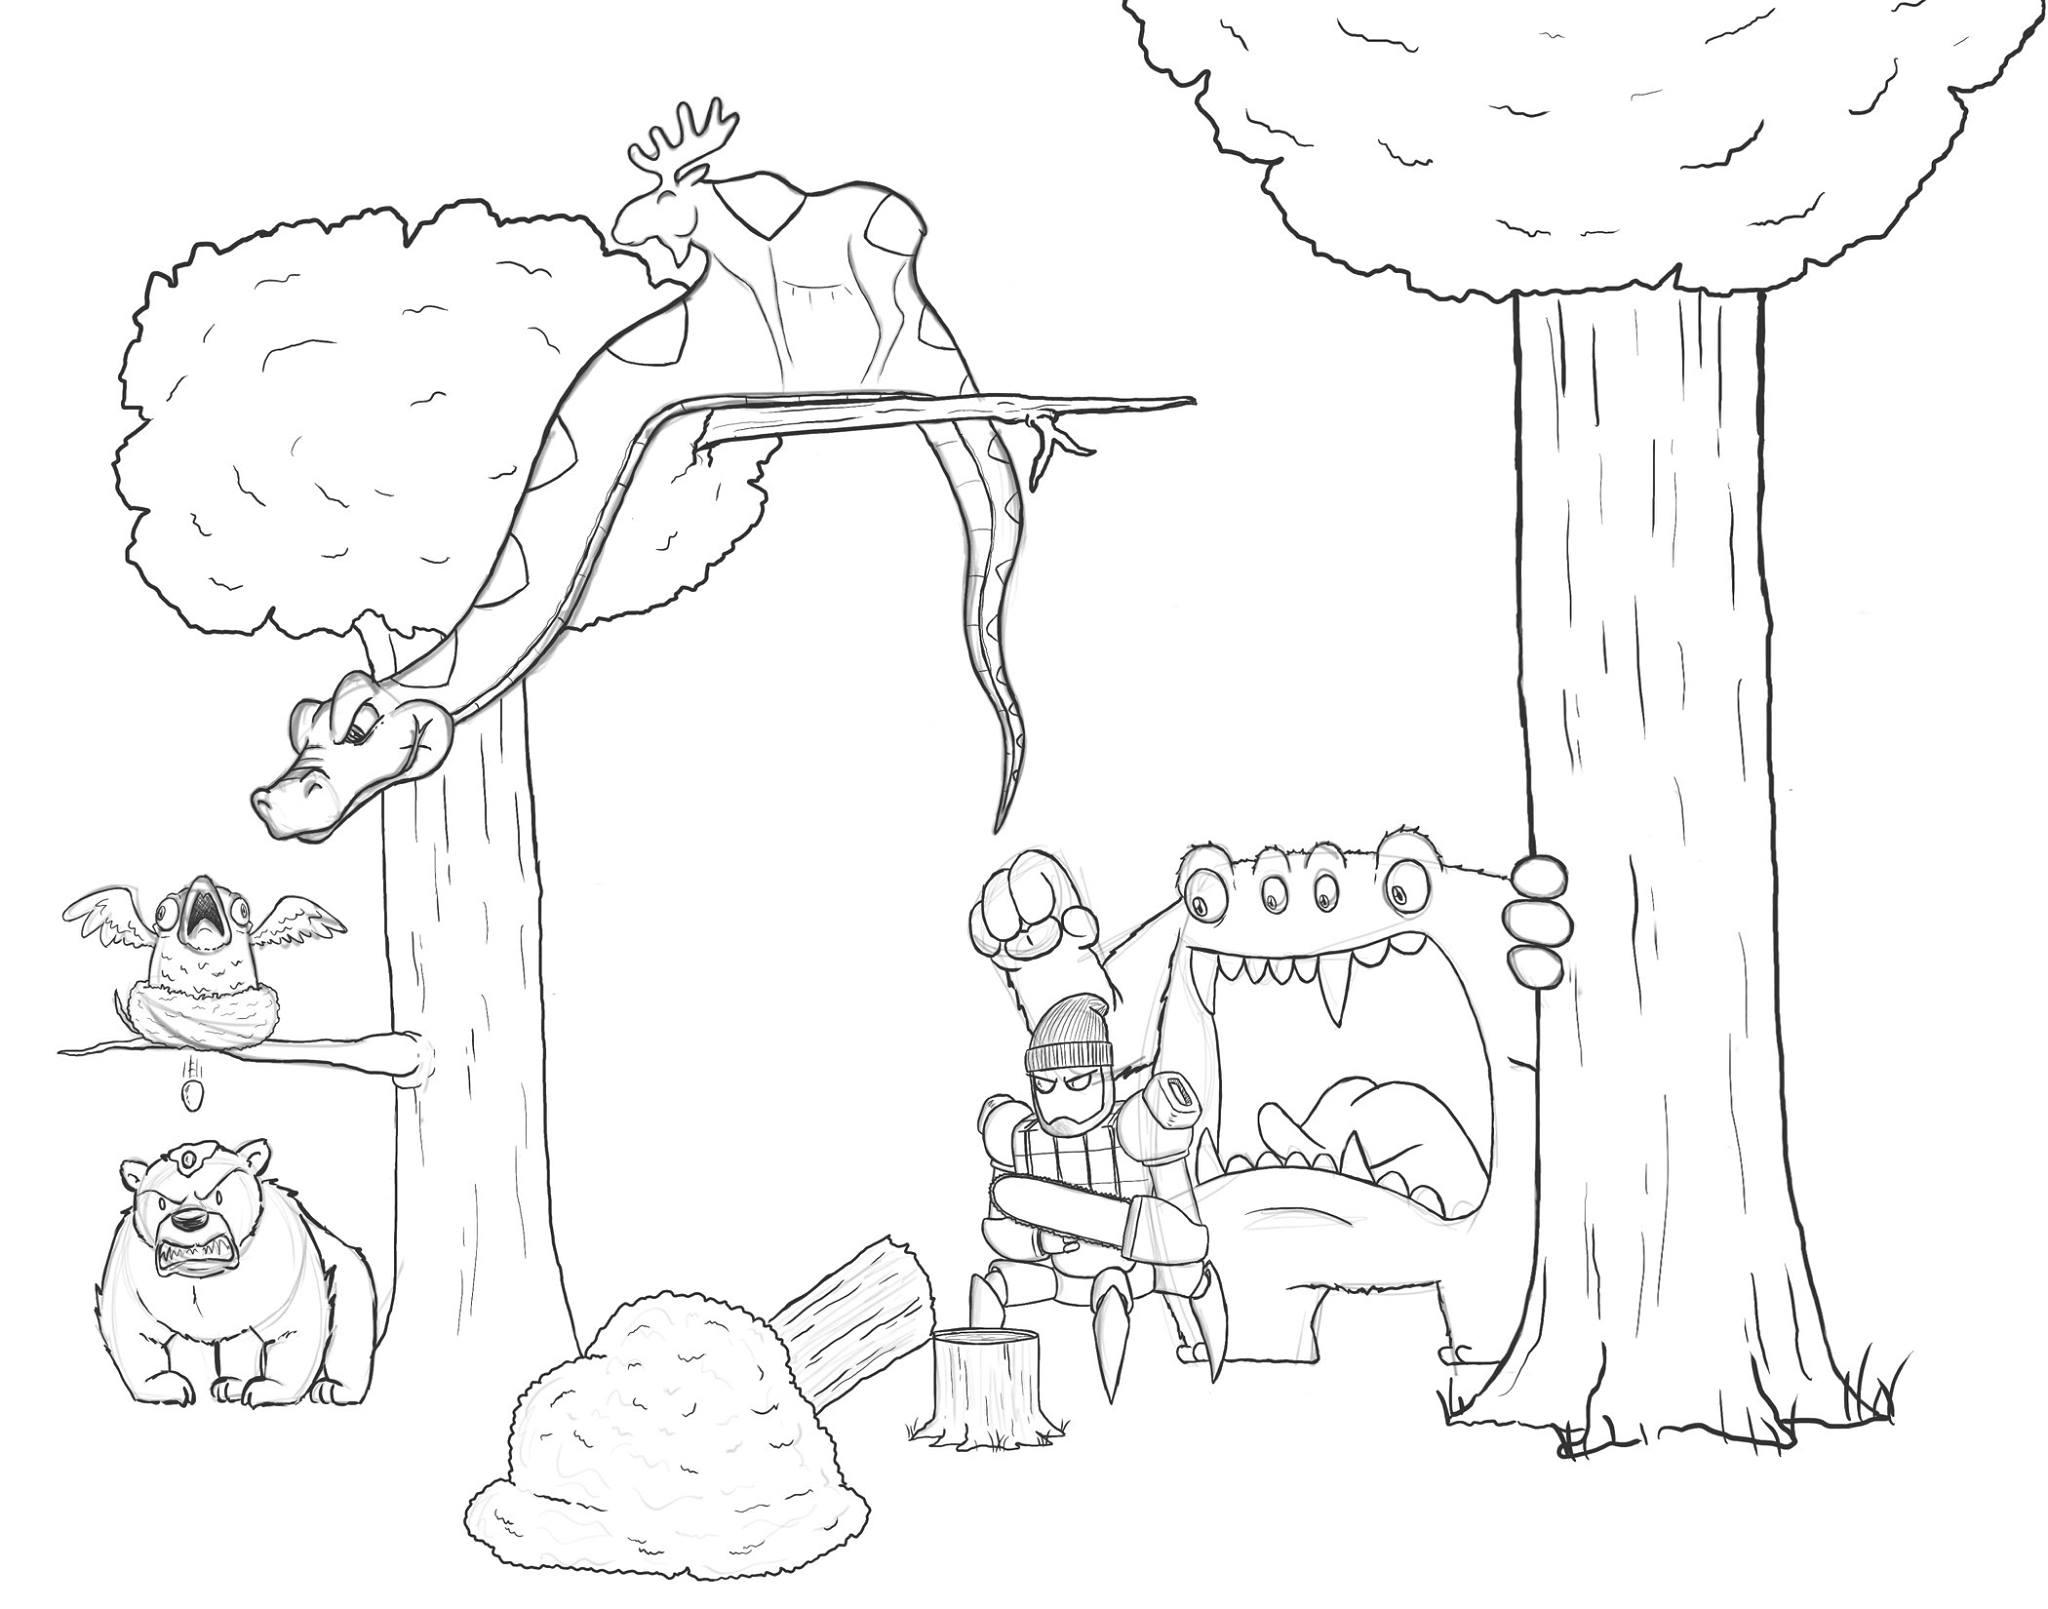 Artista passa um mes acrescentando um personagem por dia em seu desenho 7